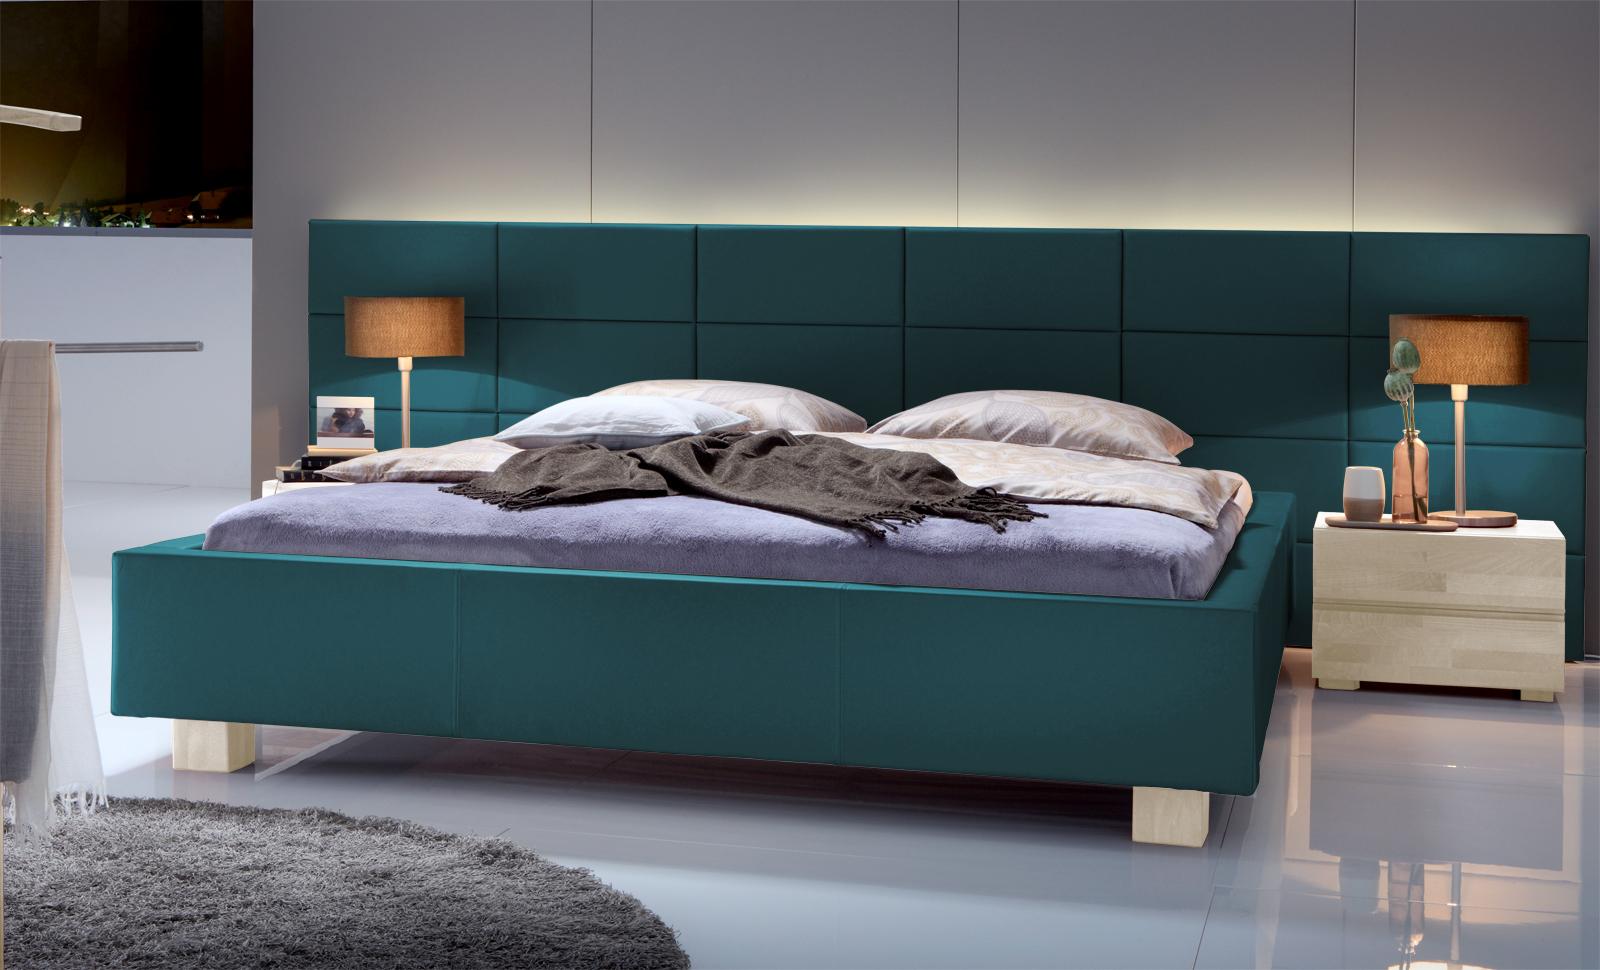 steinwand mit fernseher. Black Bedroom Furniture Sets. Home Design Ideas